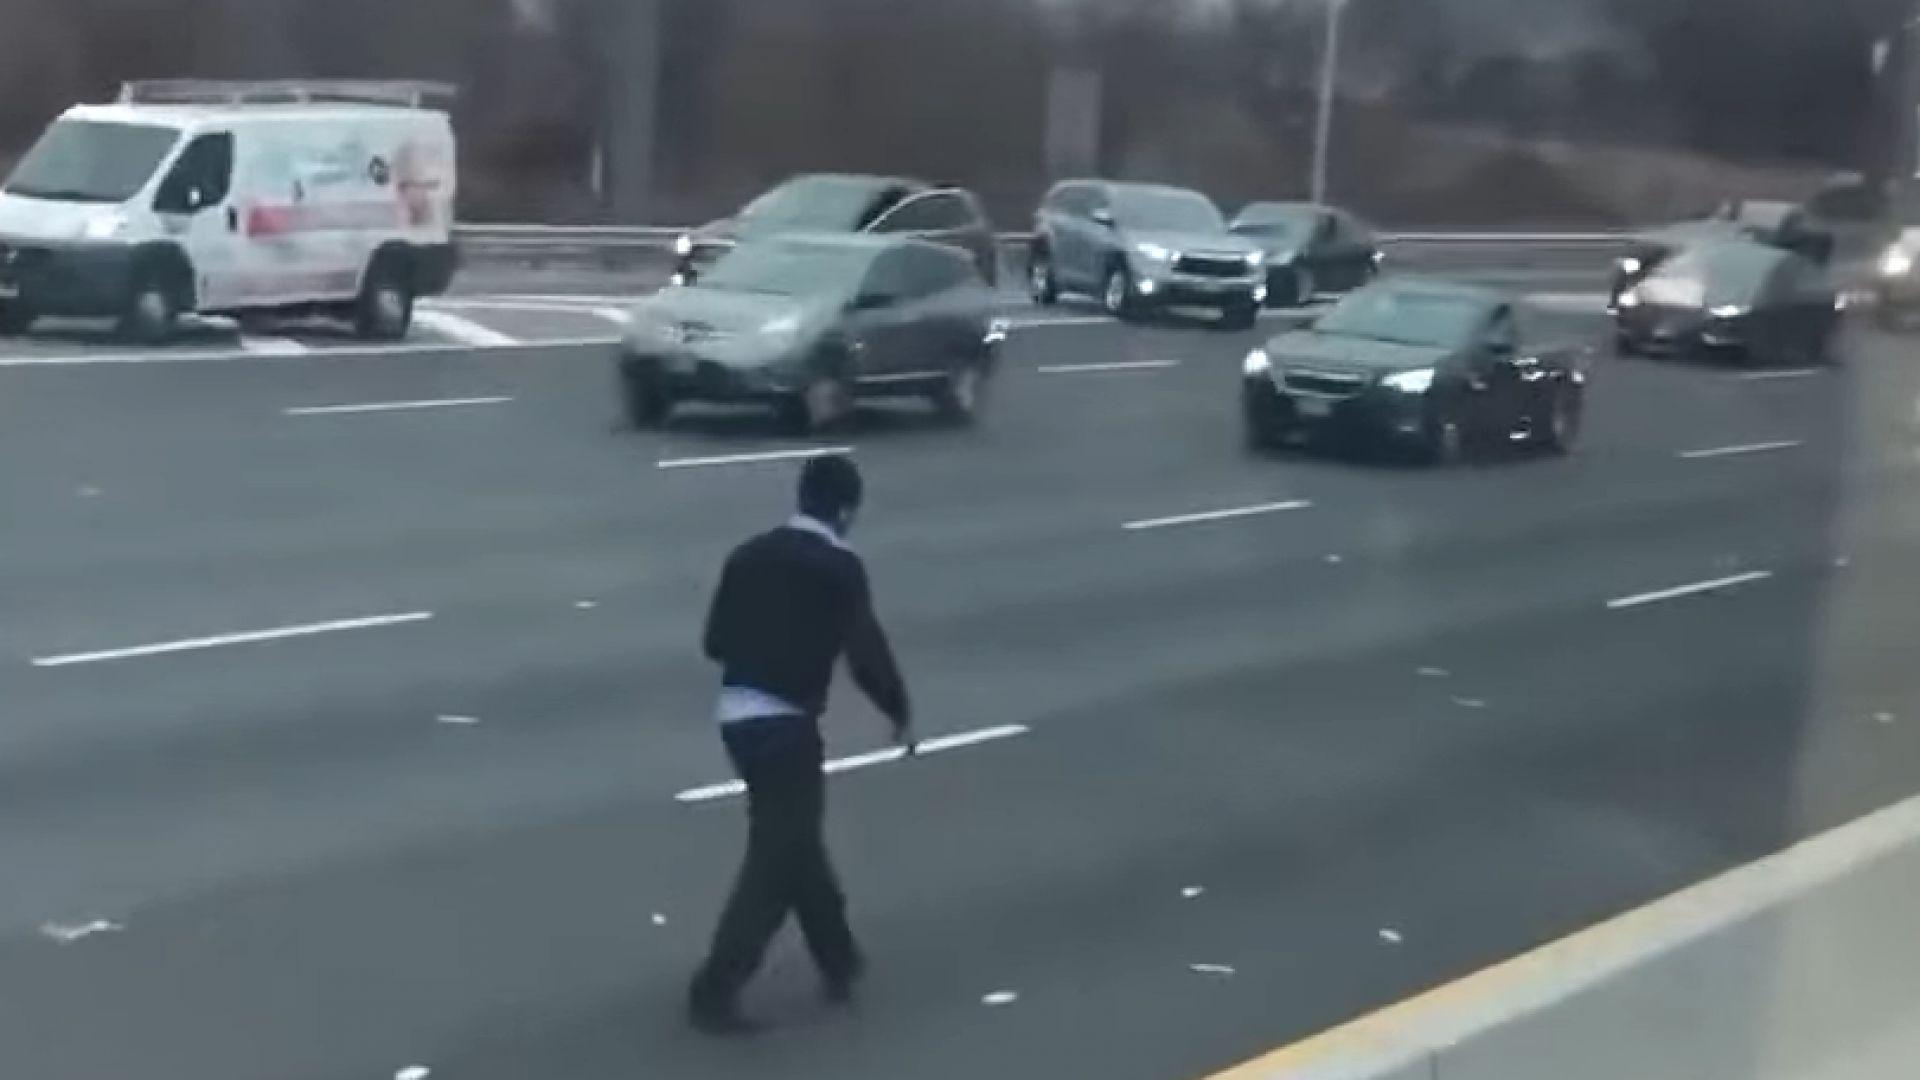 Брониран инкасо камион разпиля пари на магистрала в американския щат